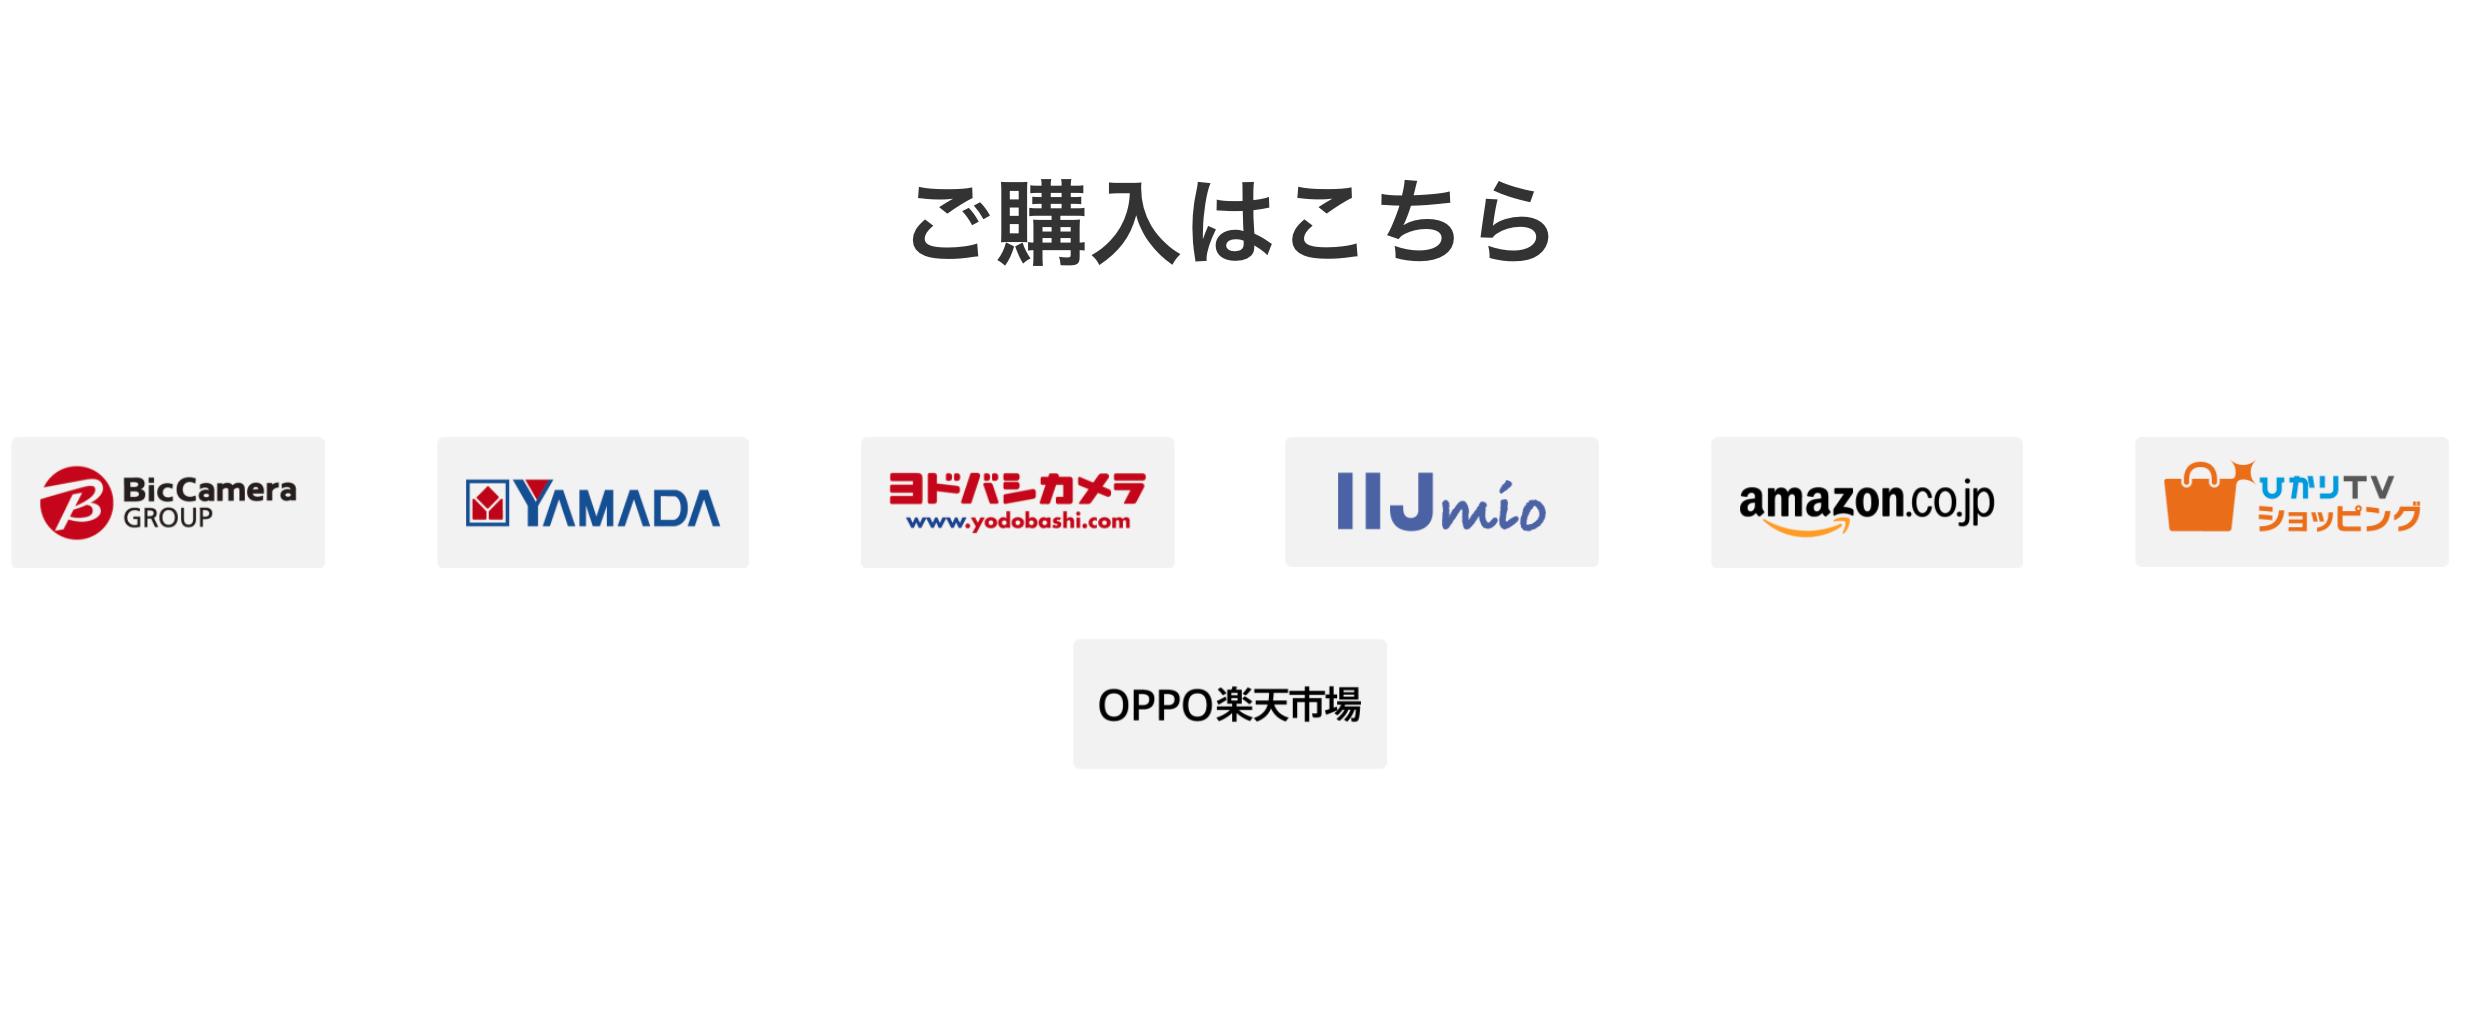 f:id:Azusa_Hirano:20200721153110p:plain